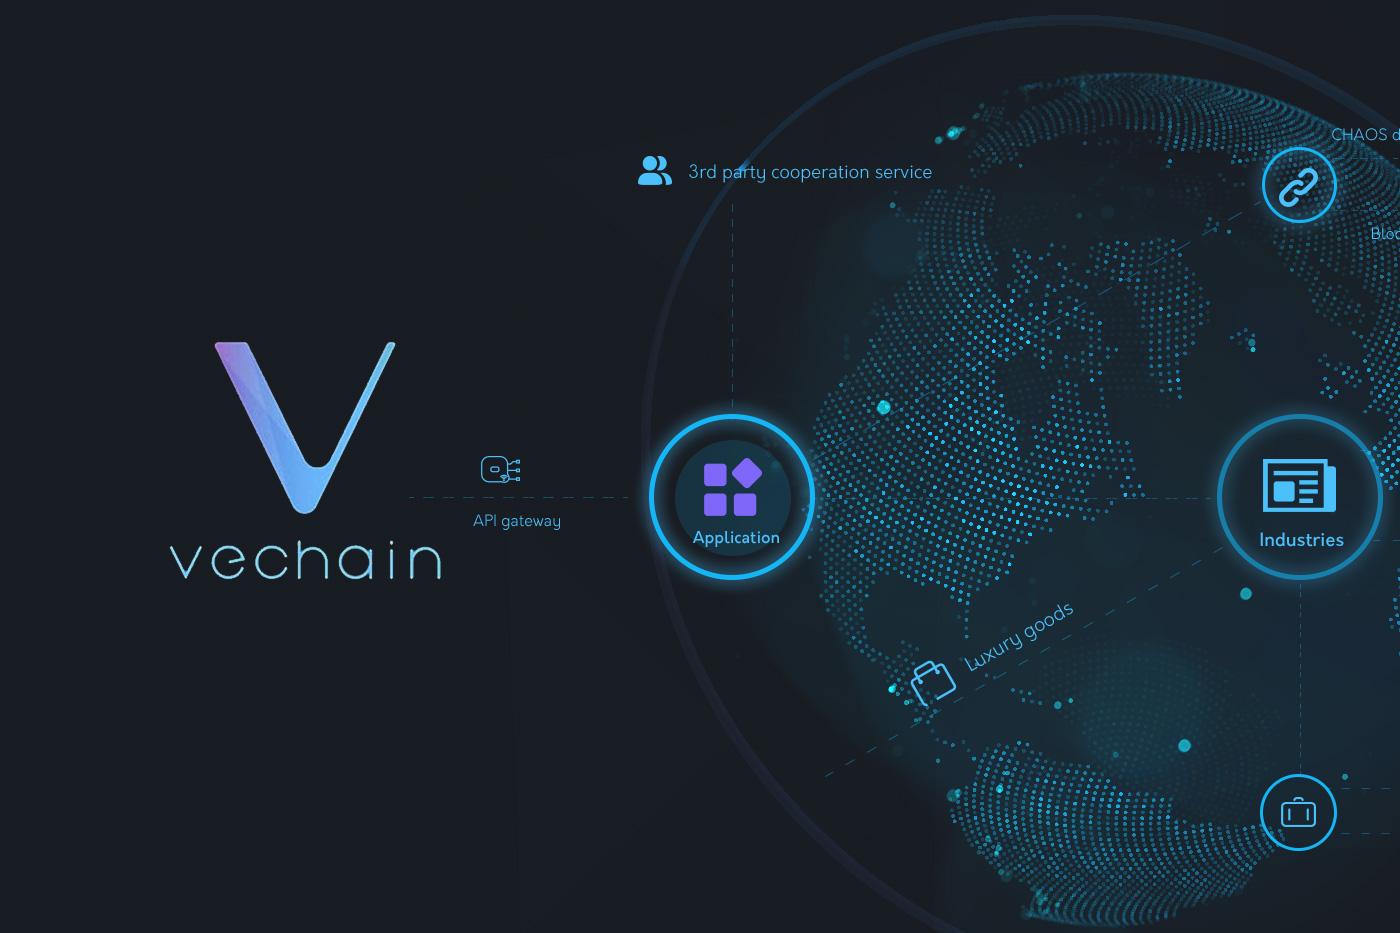 apa itu vechain, berita cryptocurrency terbaru, berita crypto terbaru, berita bitcoin terbaru,